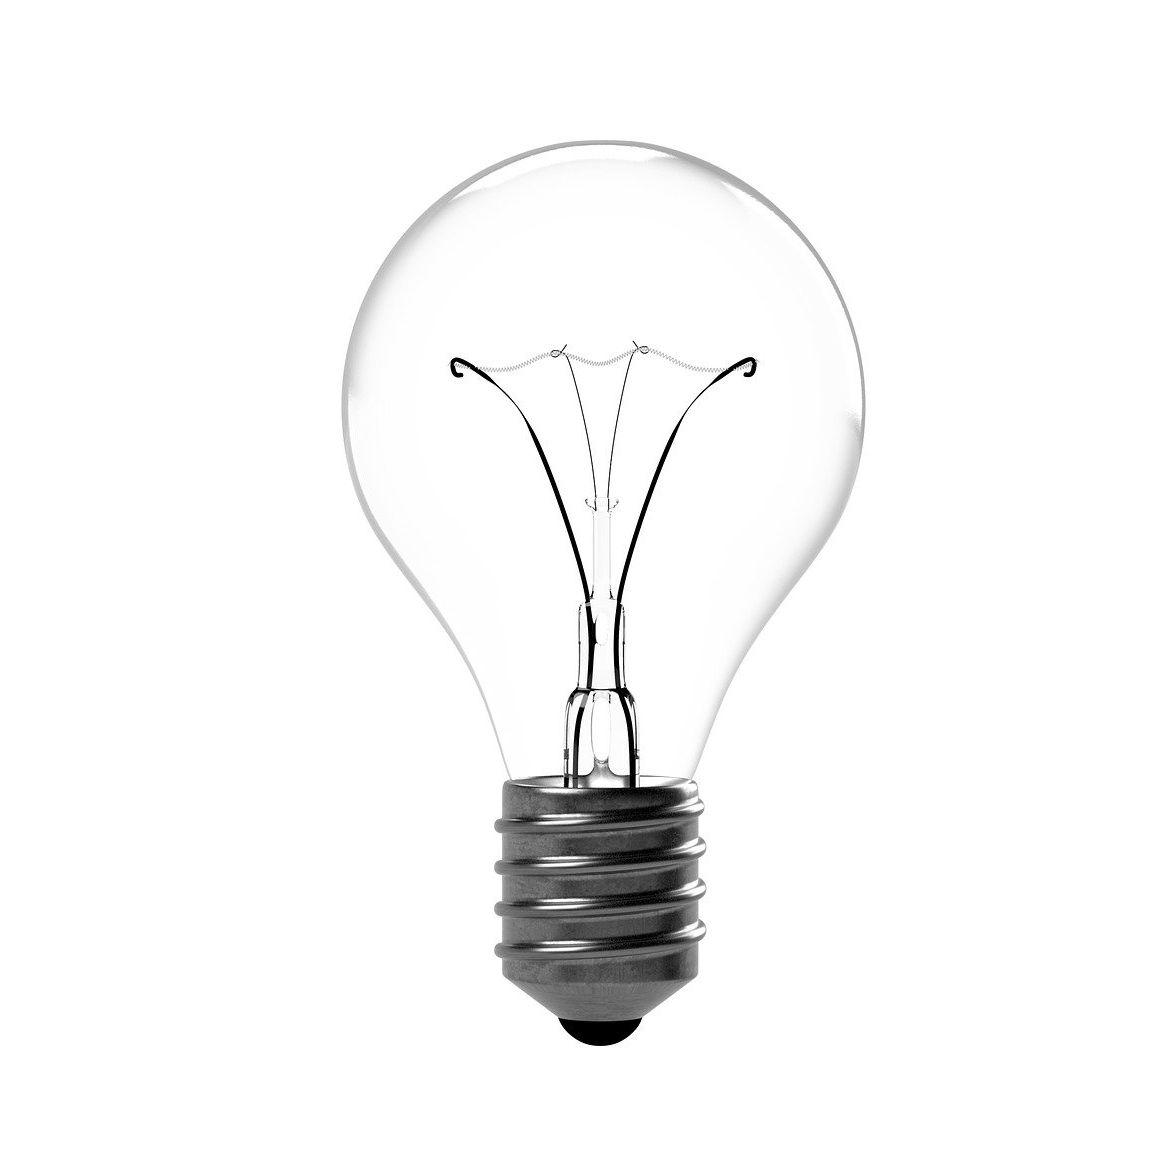 Lightbulb 1875255 1920